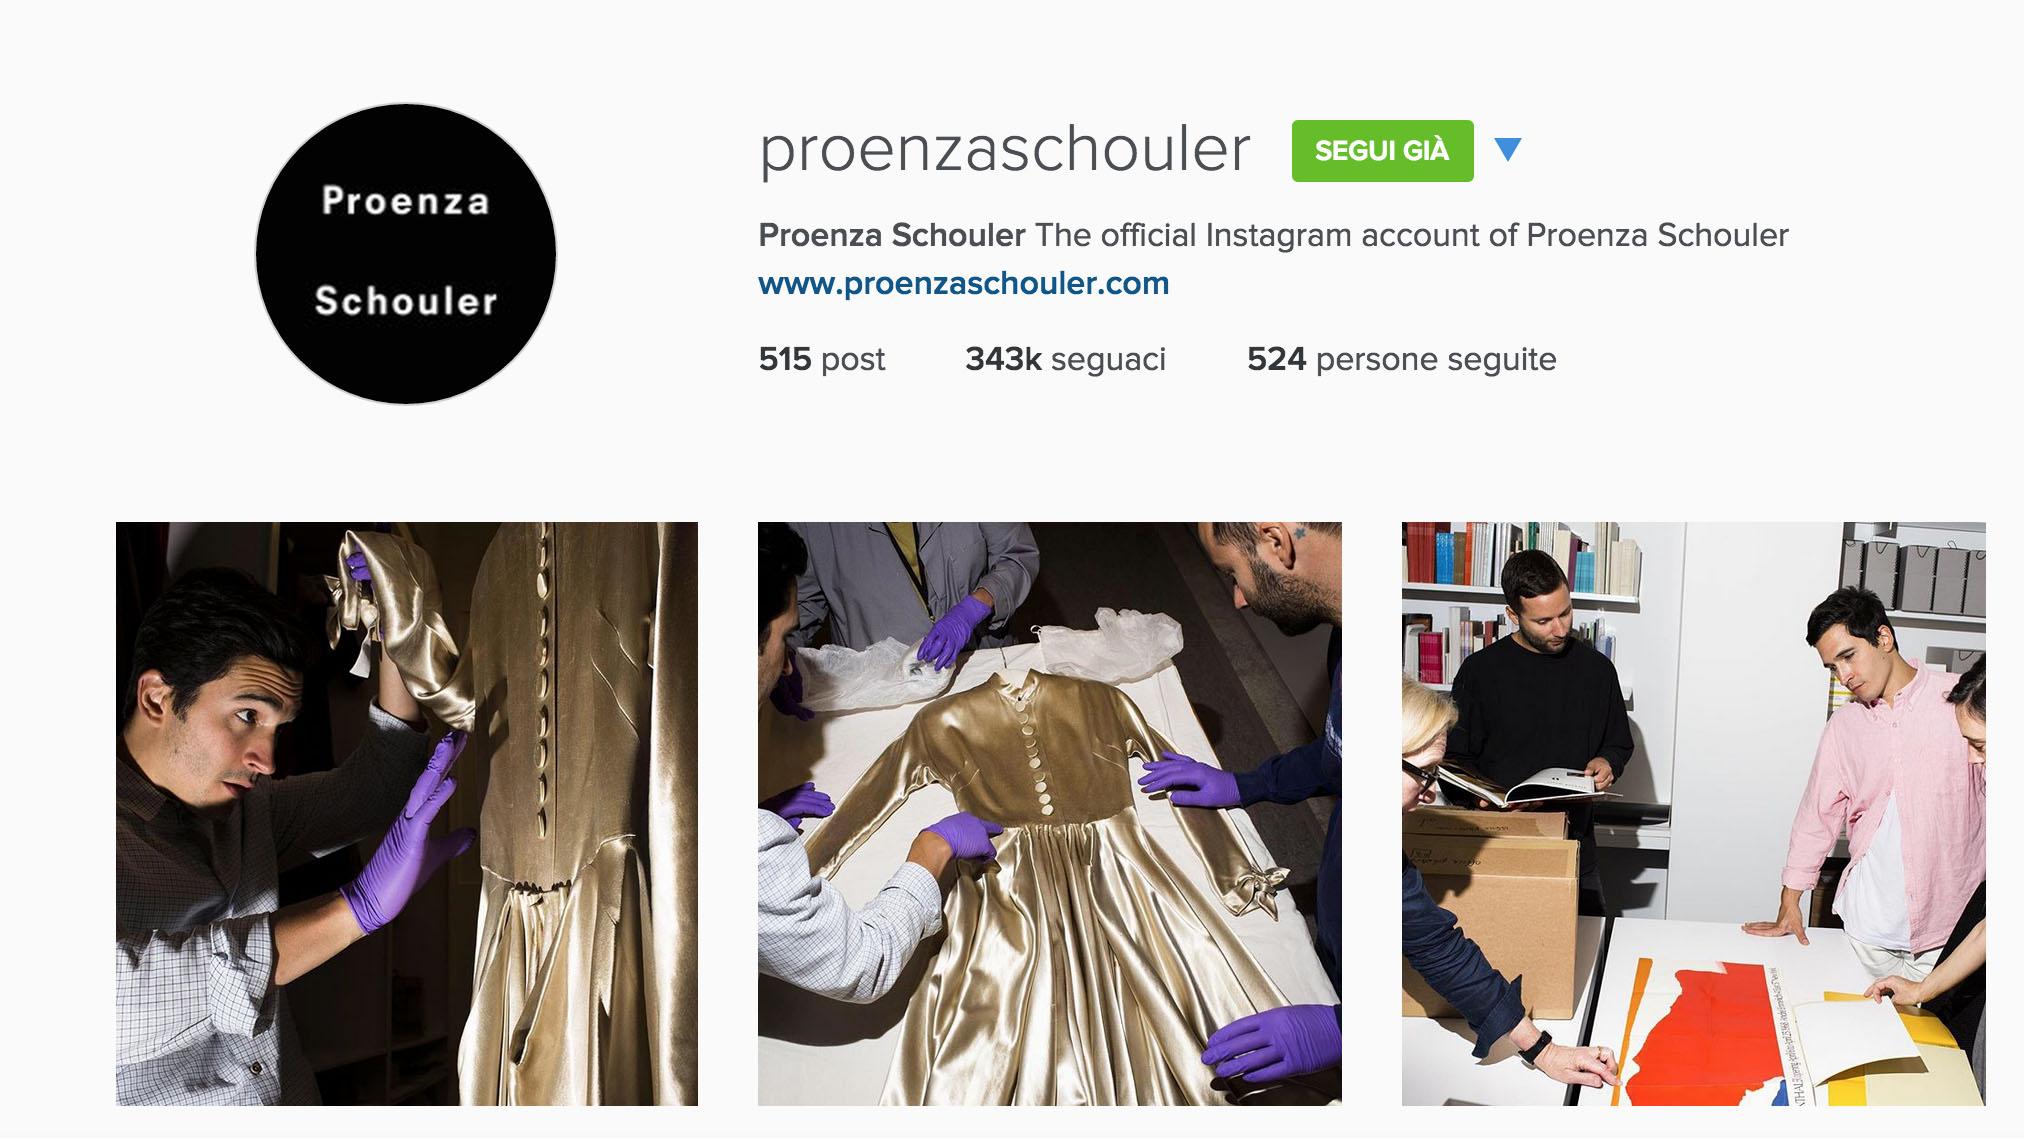 proenza schouler instagram account